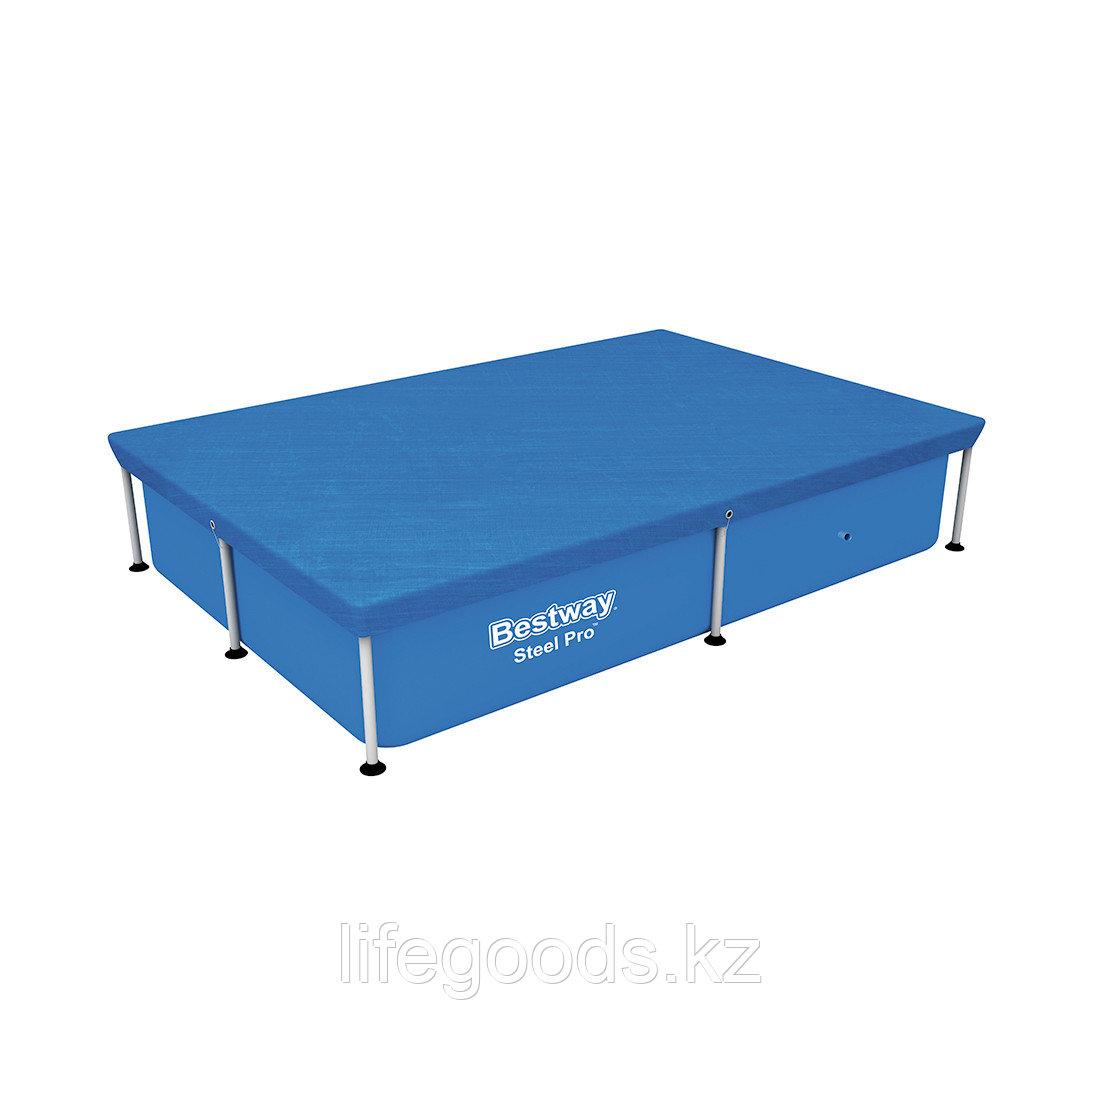 Тент для каркасных бассейнов размером 221х150 см Bestway 58103